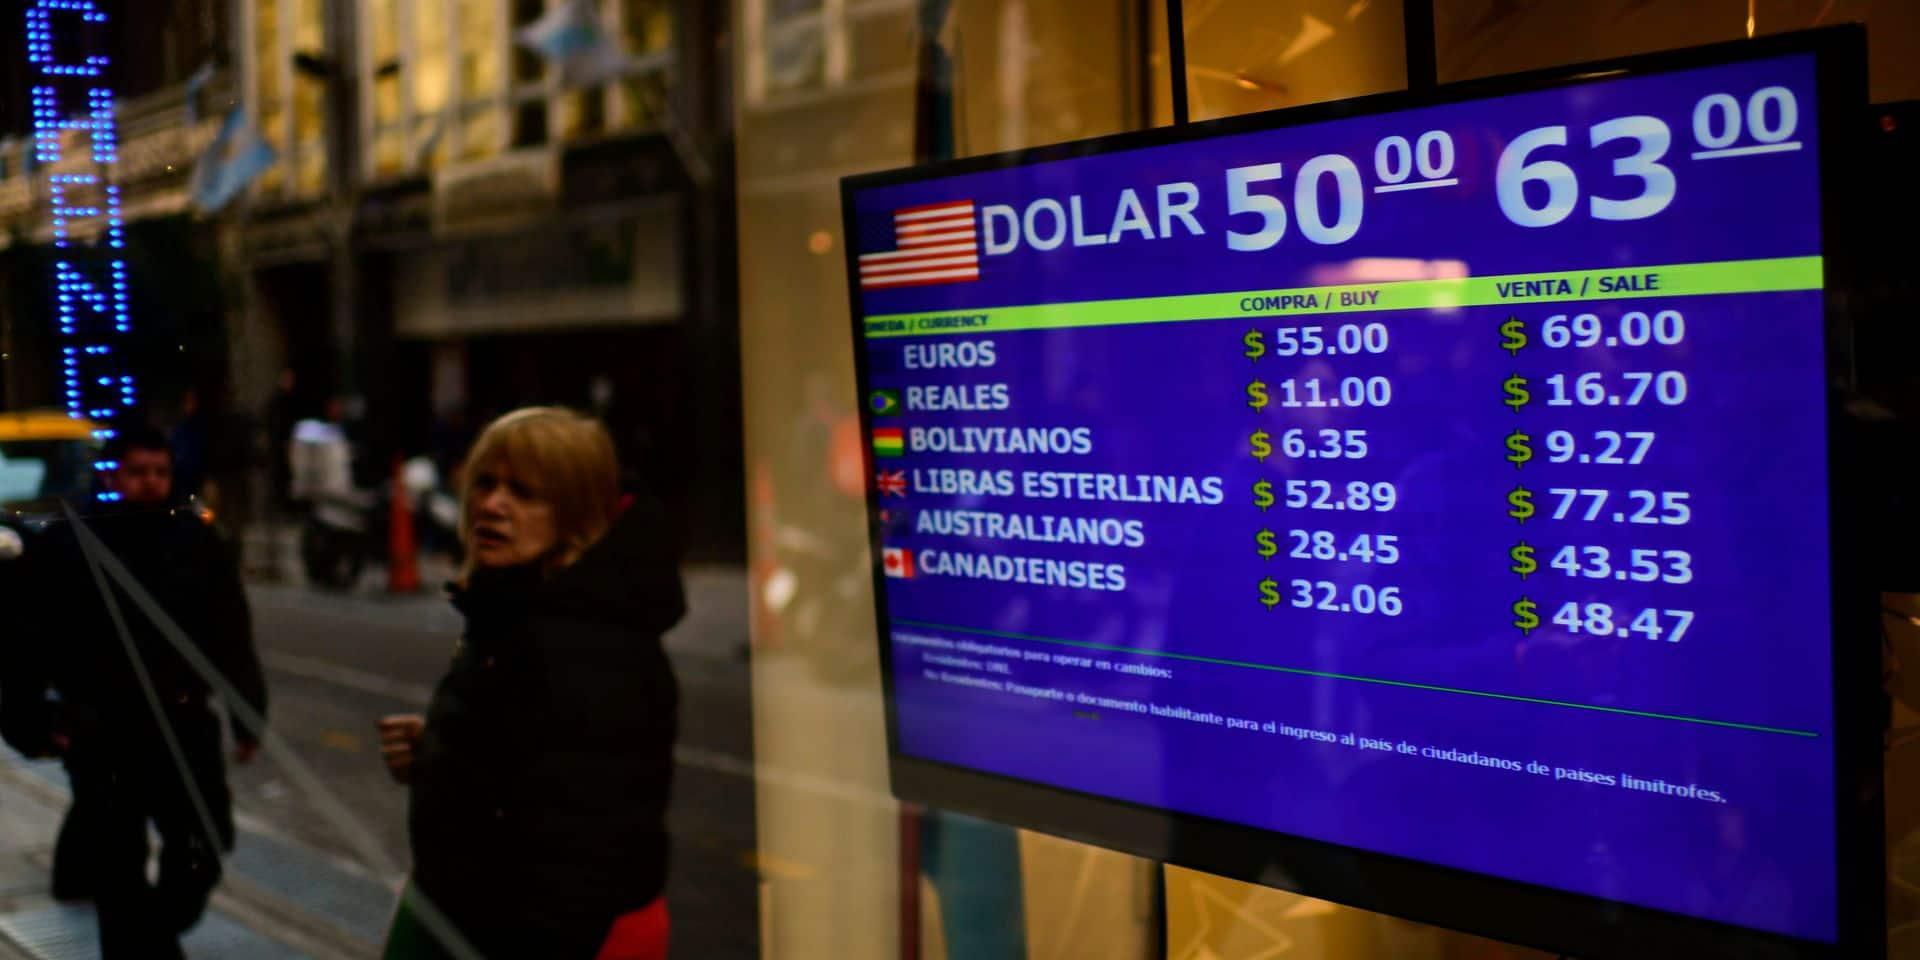 Argentine: le peso dégringole de près de 19% face au dollar après le revers de Macri